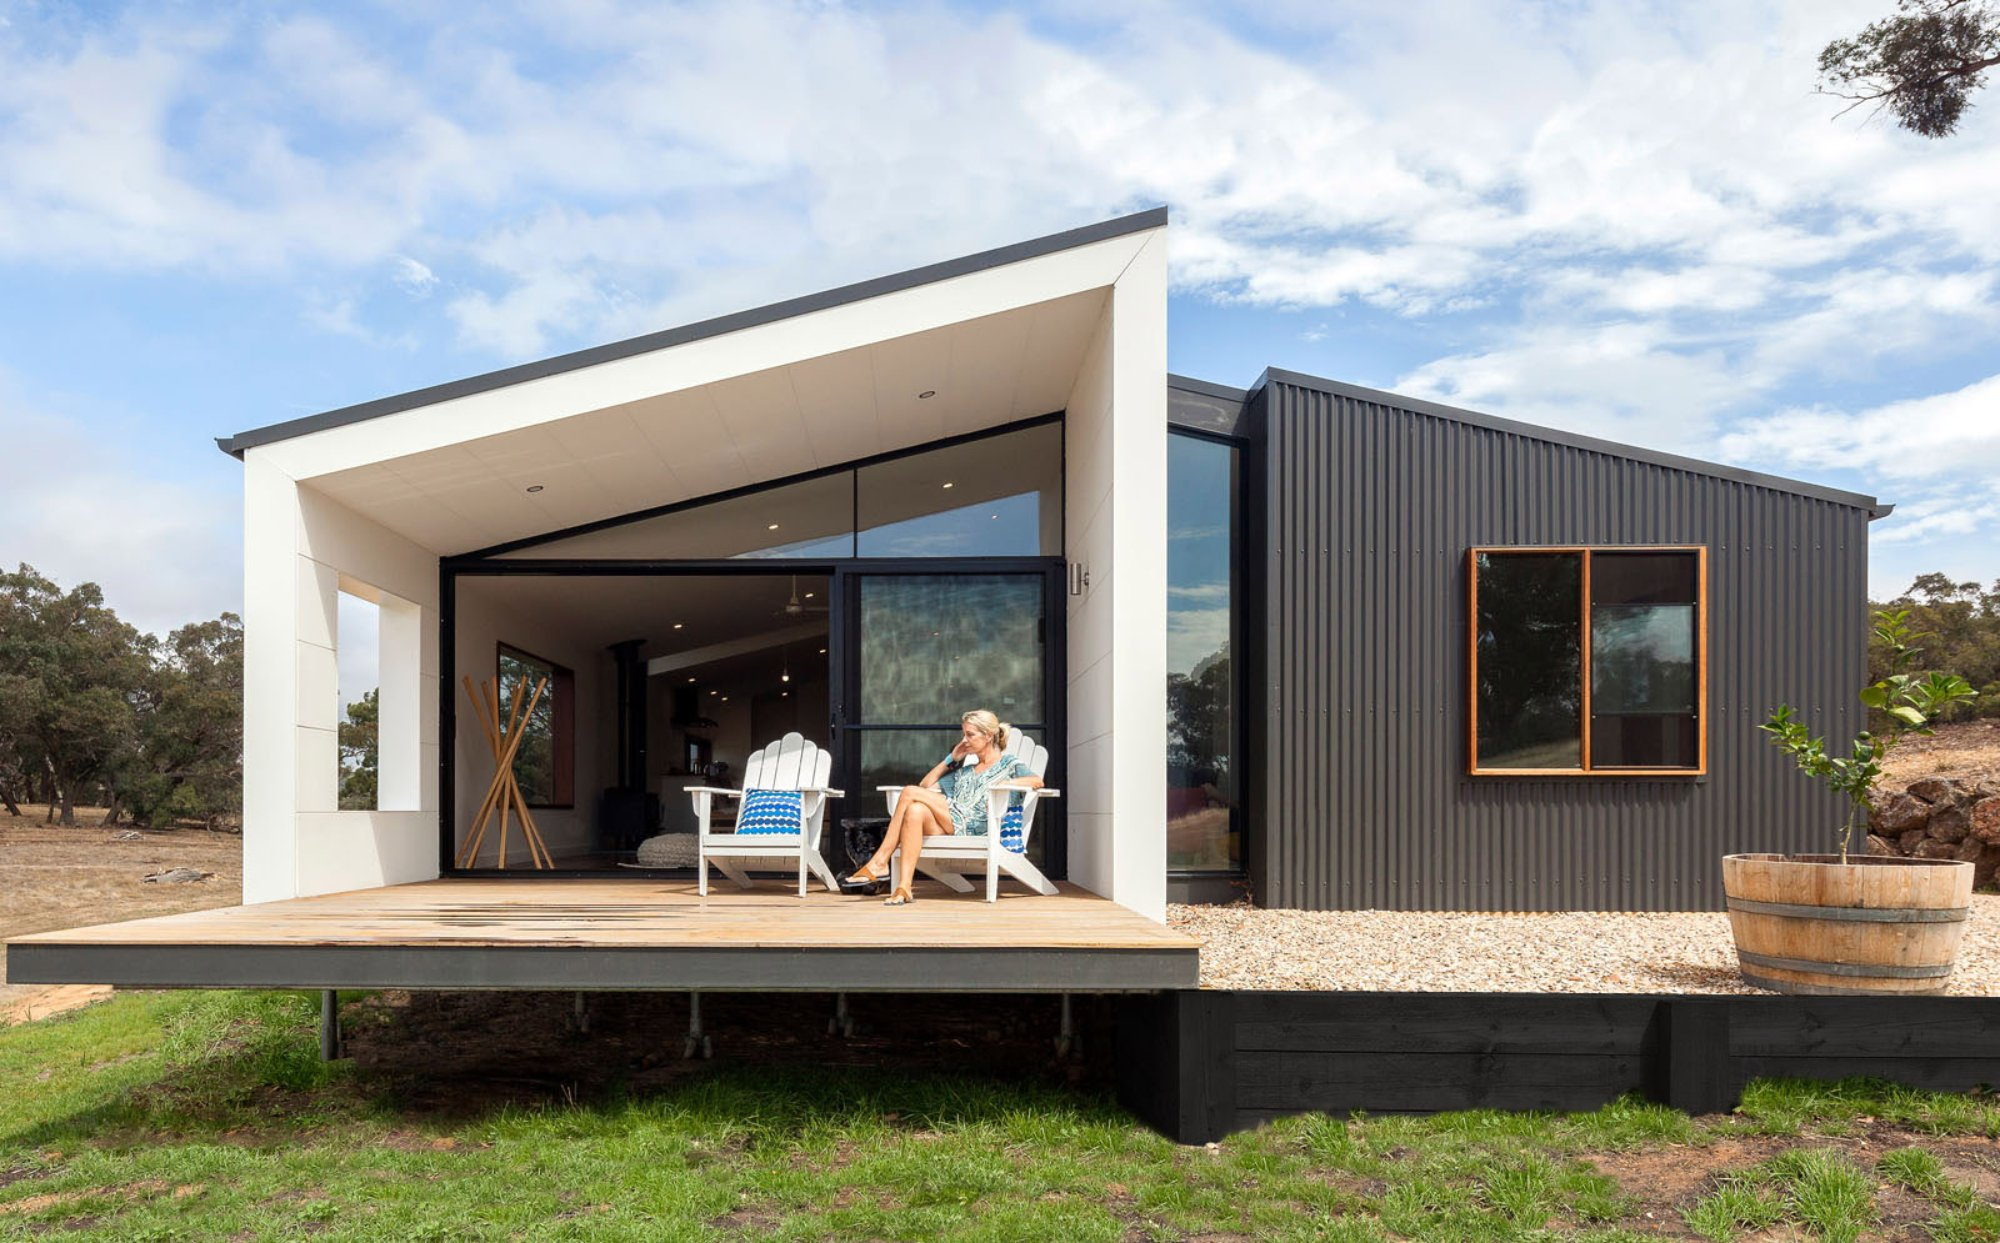 casas modulares baratas casas prefabricadas modulate